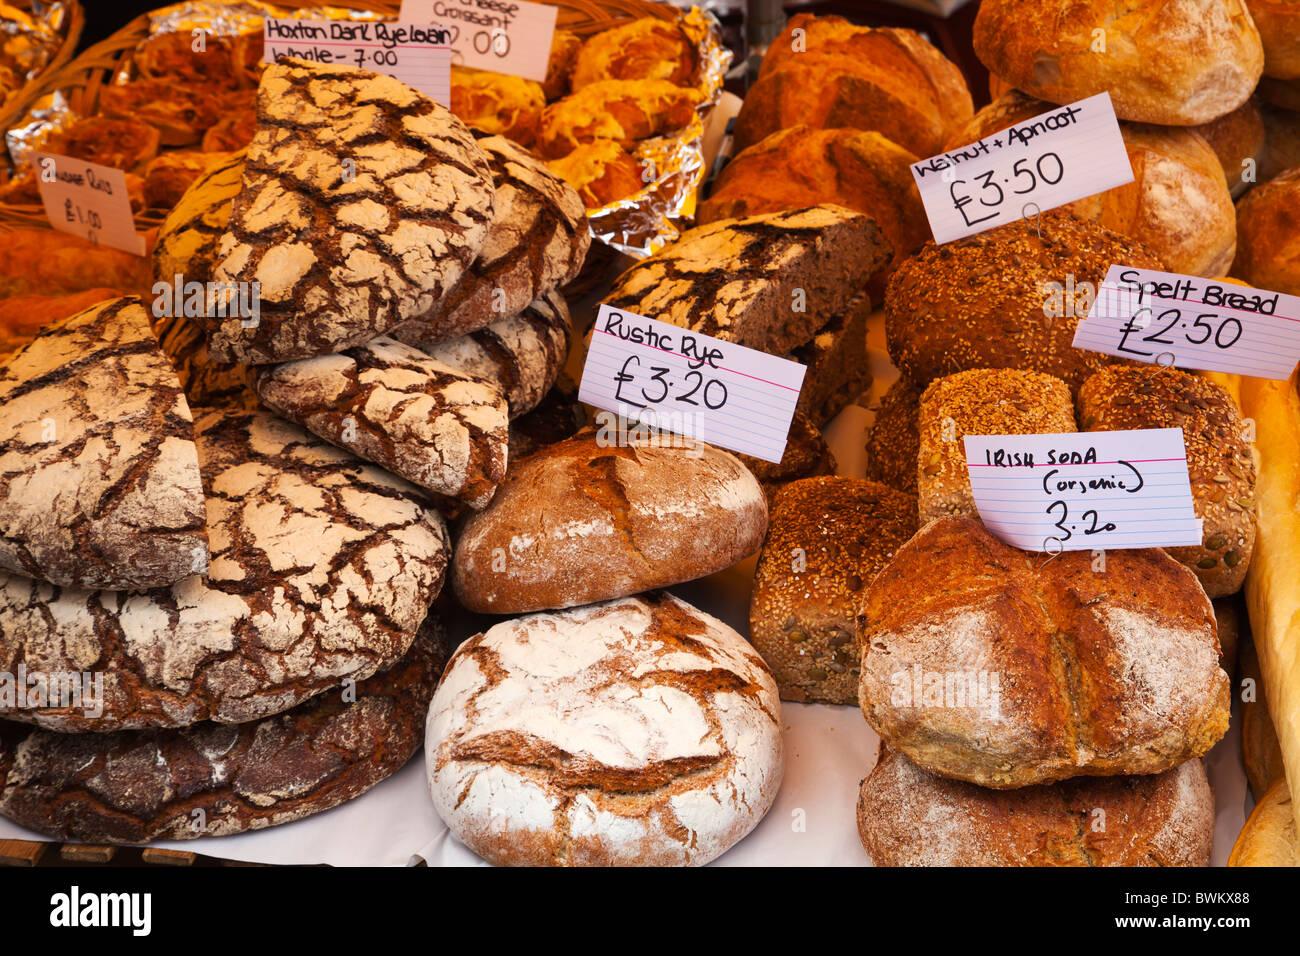 Selección de panes fabricada localmente pan de grano entero en el Portobello Road Market Imagen De Stock